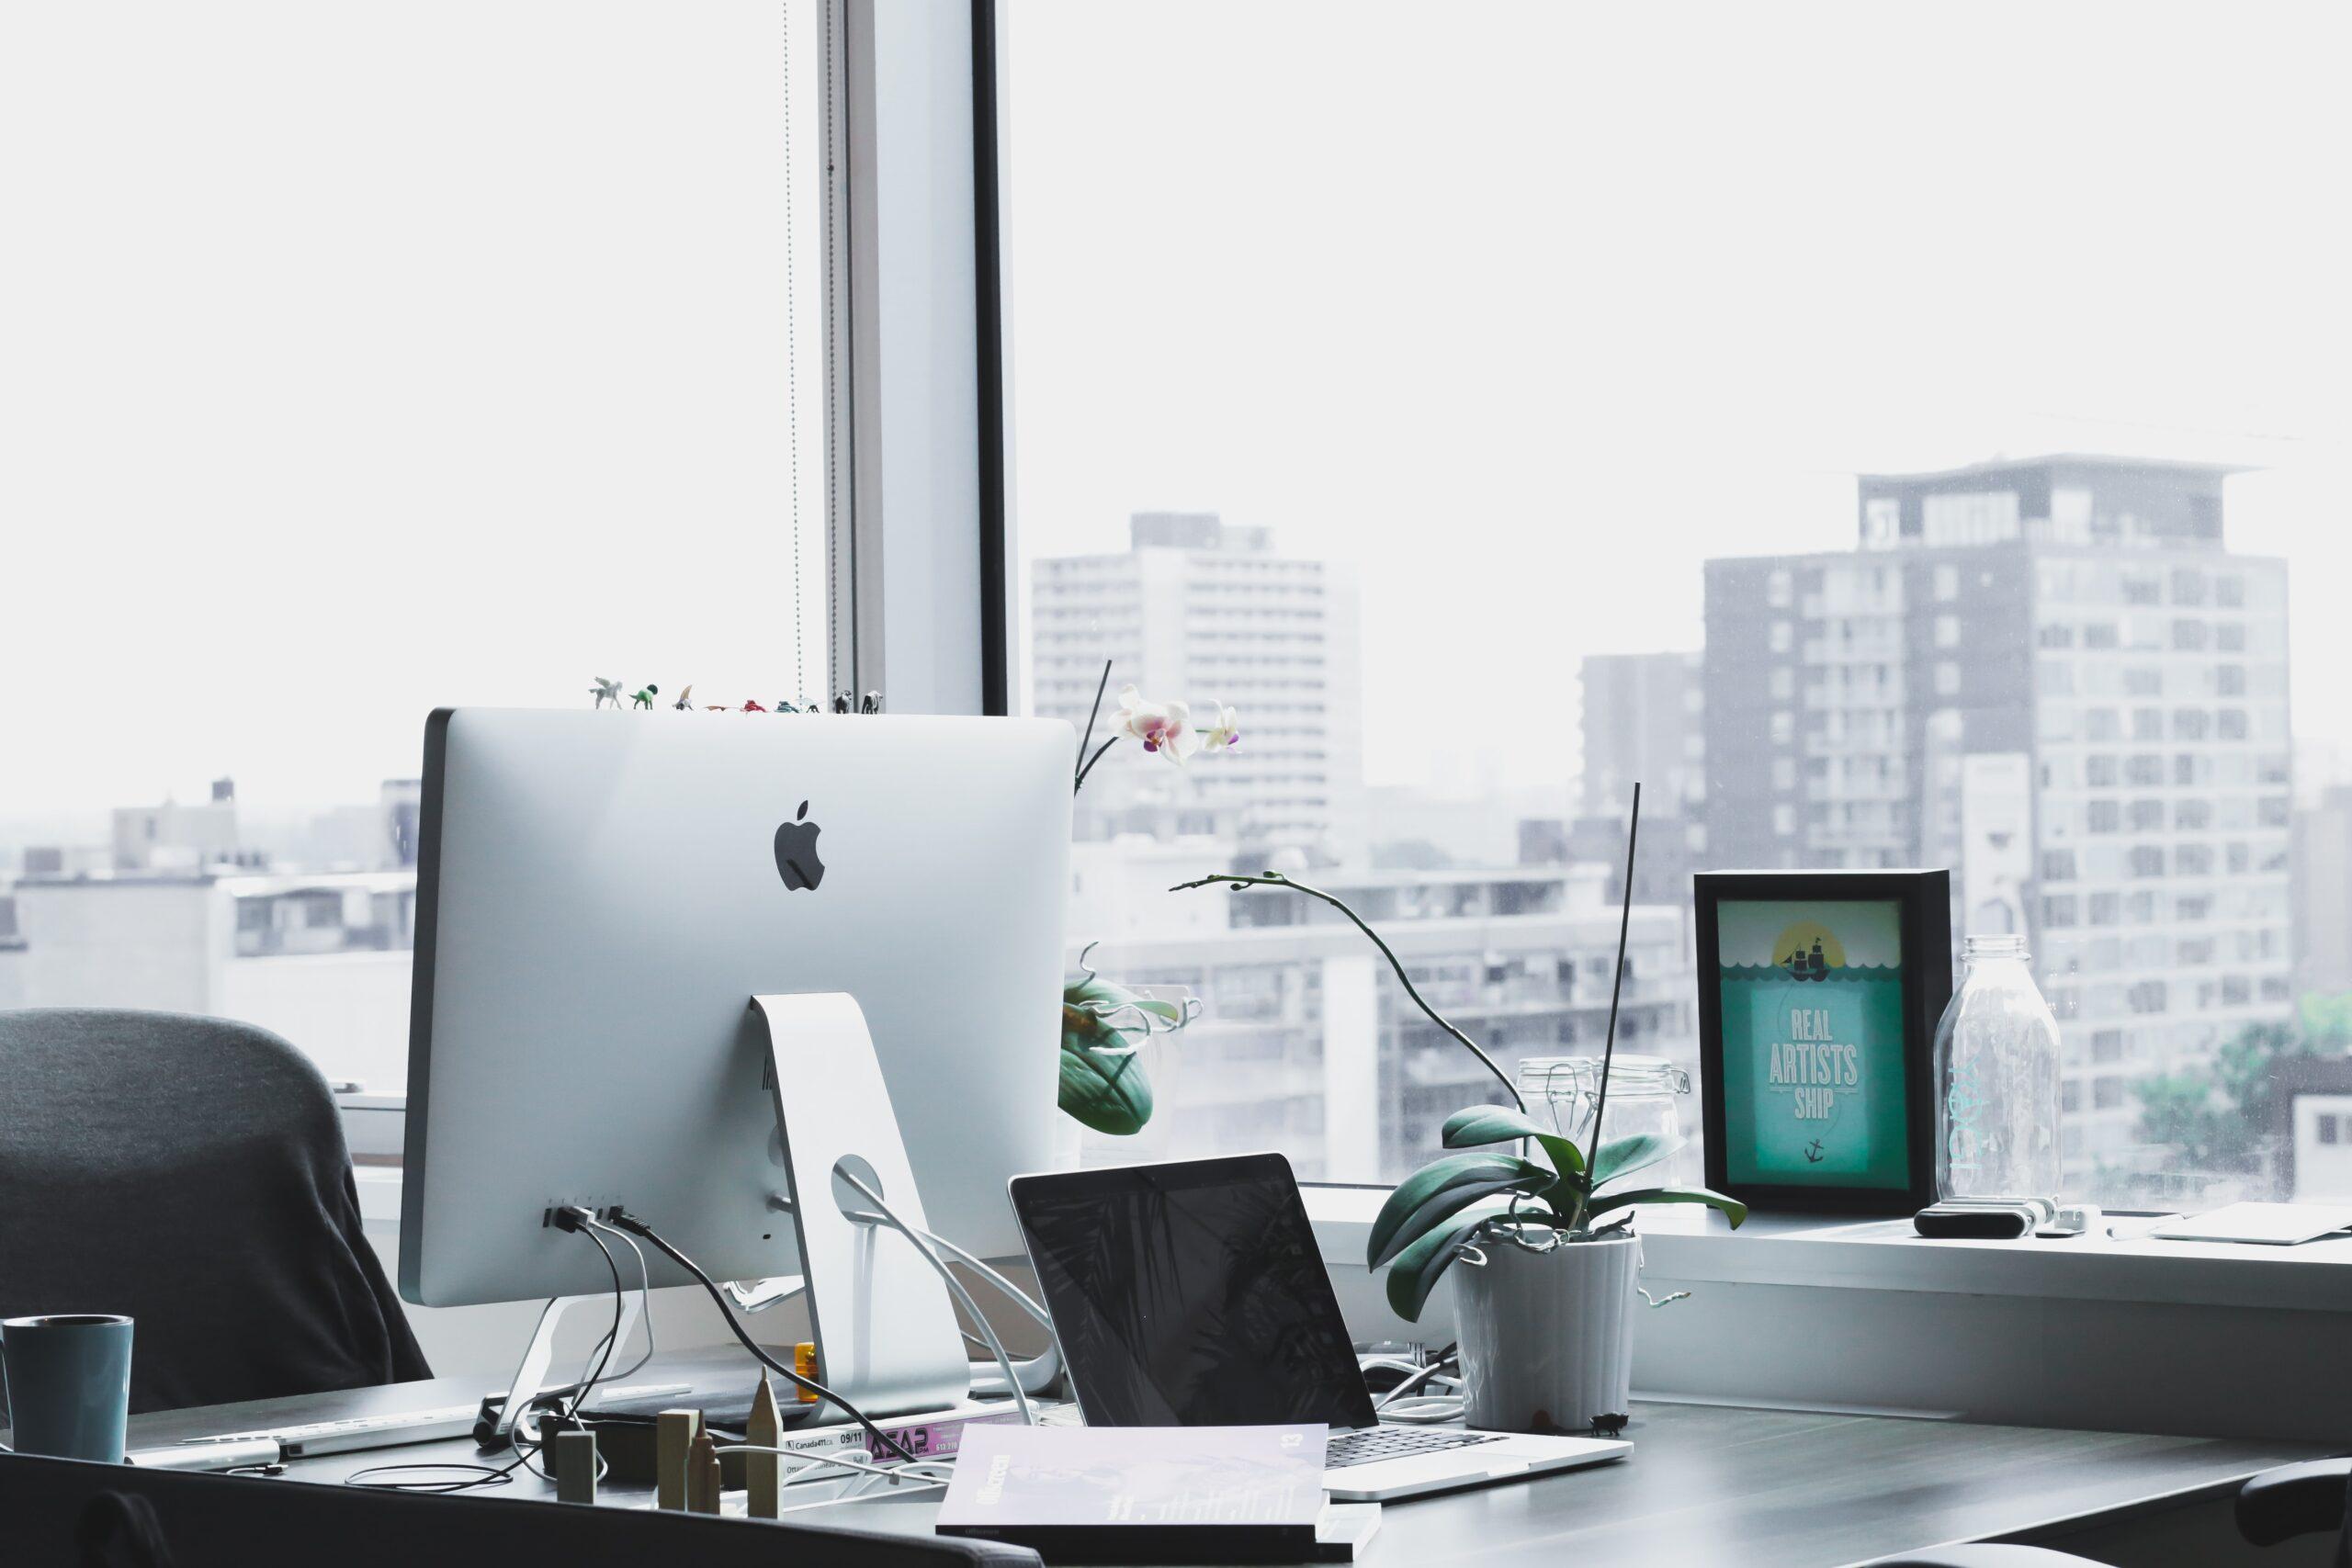 オフィスの内装を改善する効果②社員の生産性が向上する